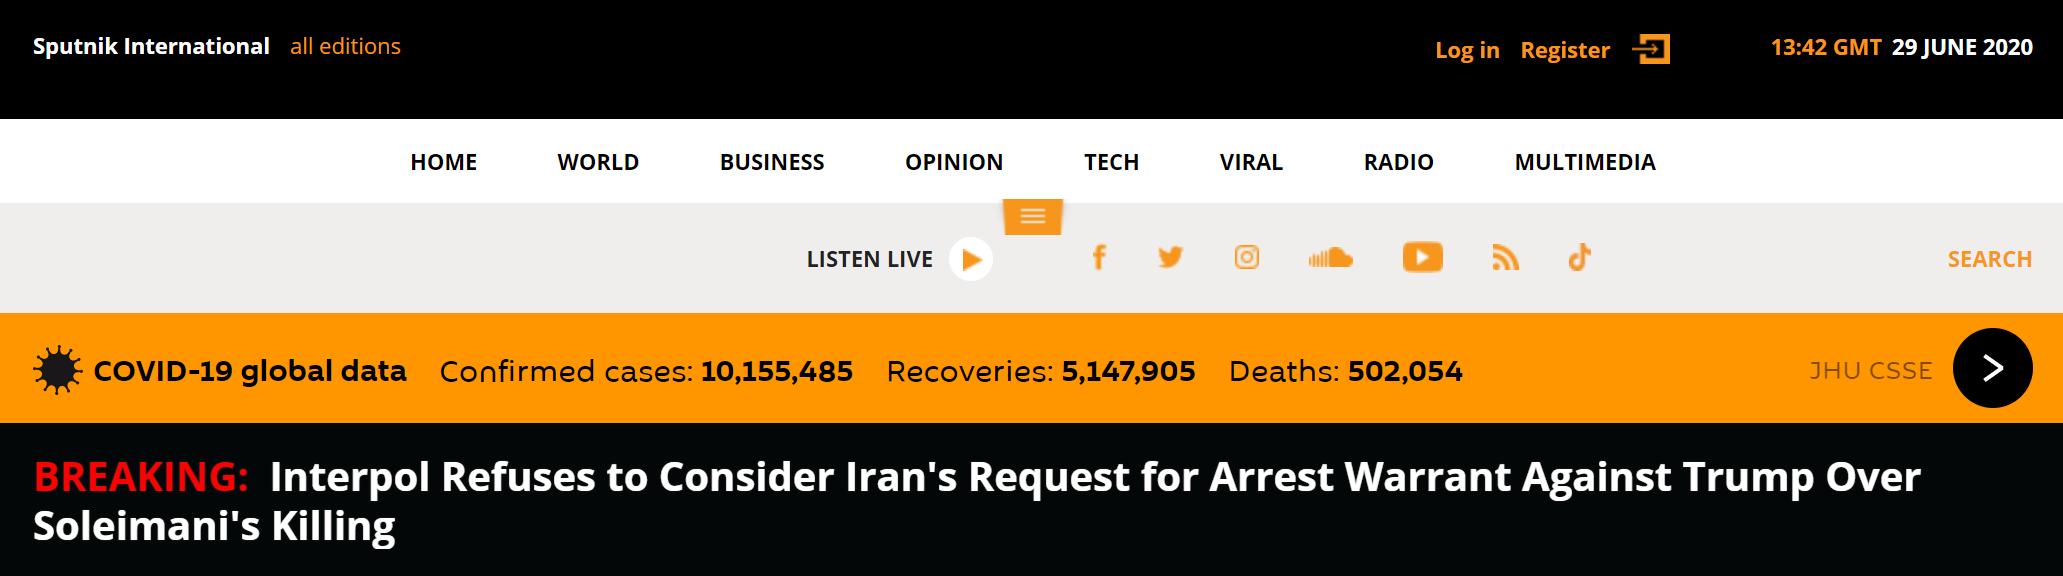 国际刑警组织拒绝协助逮捕特朗普